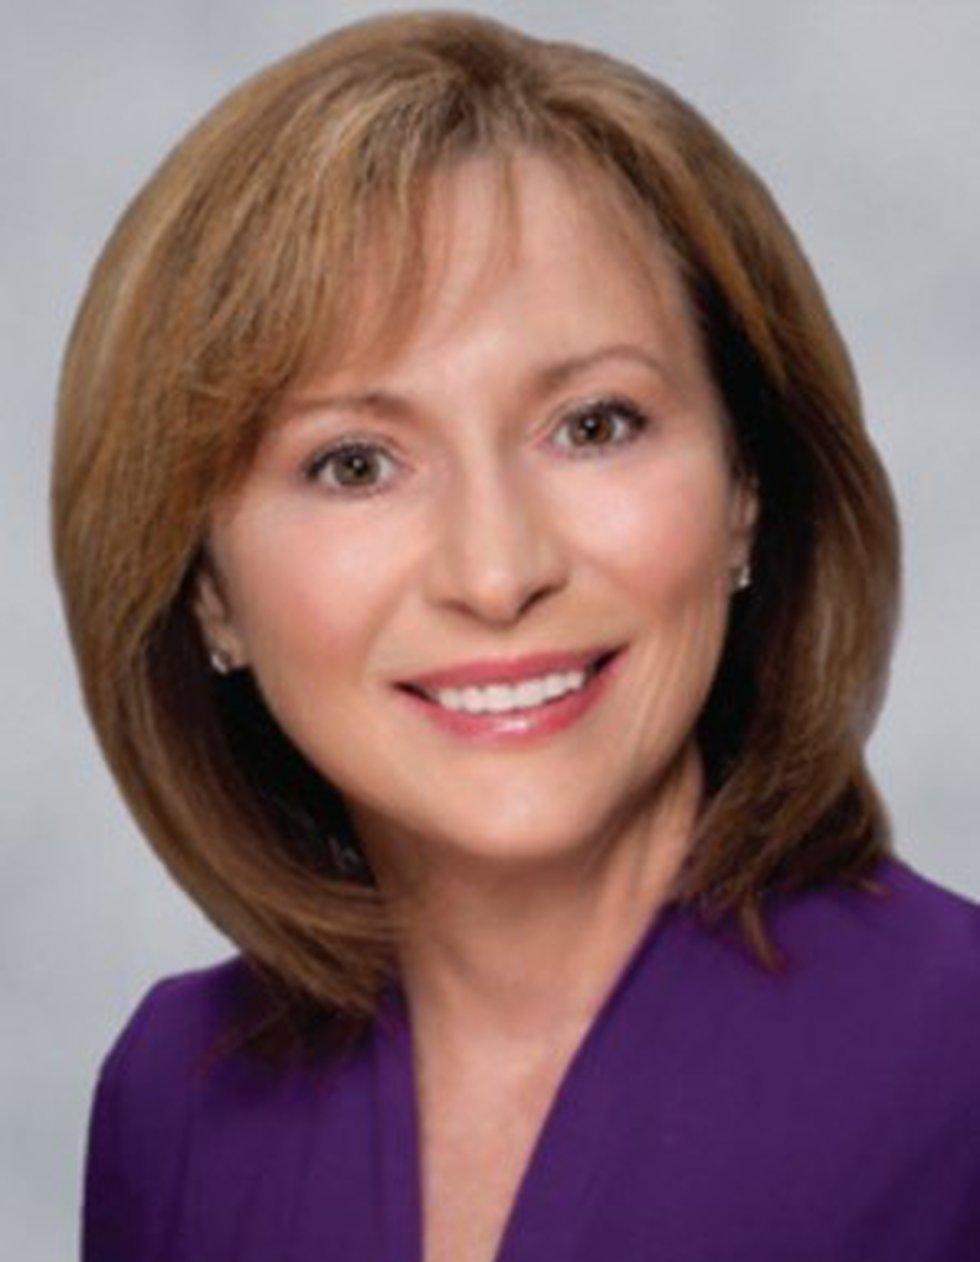 Lynn Singletary